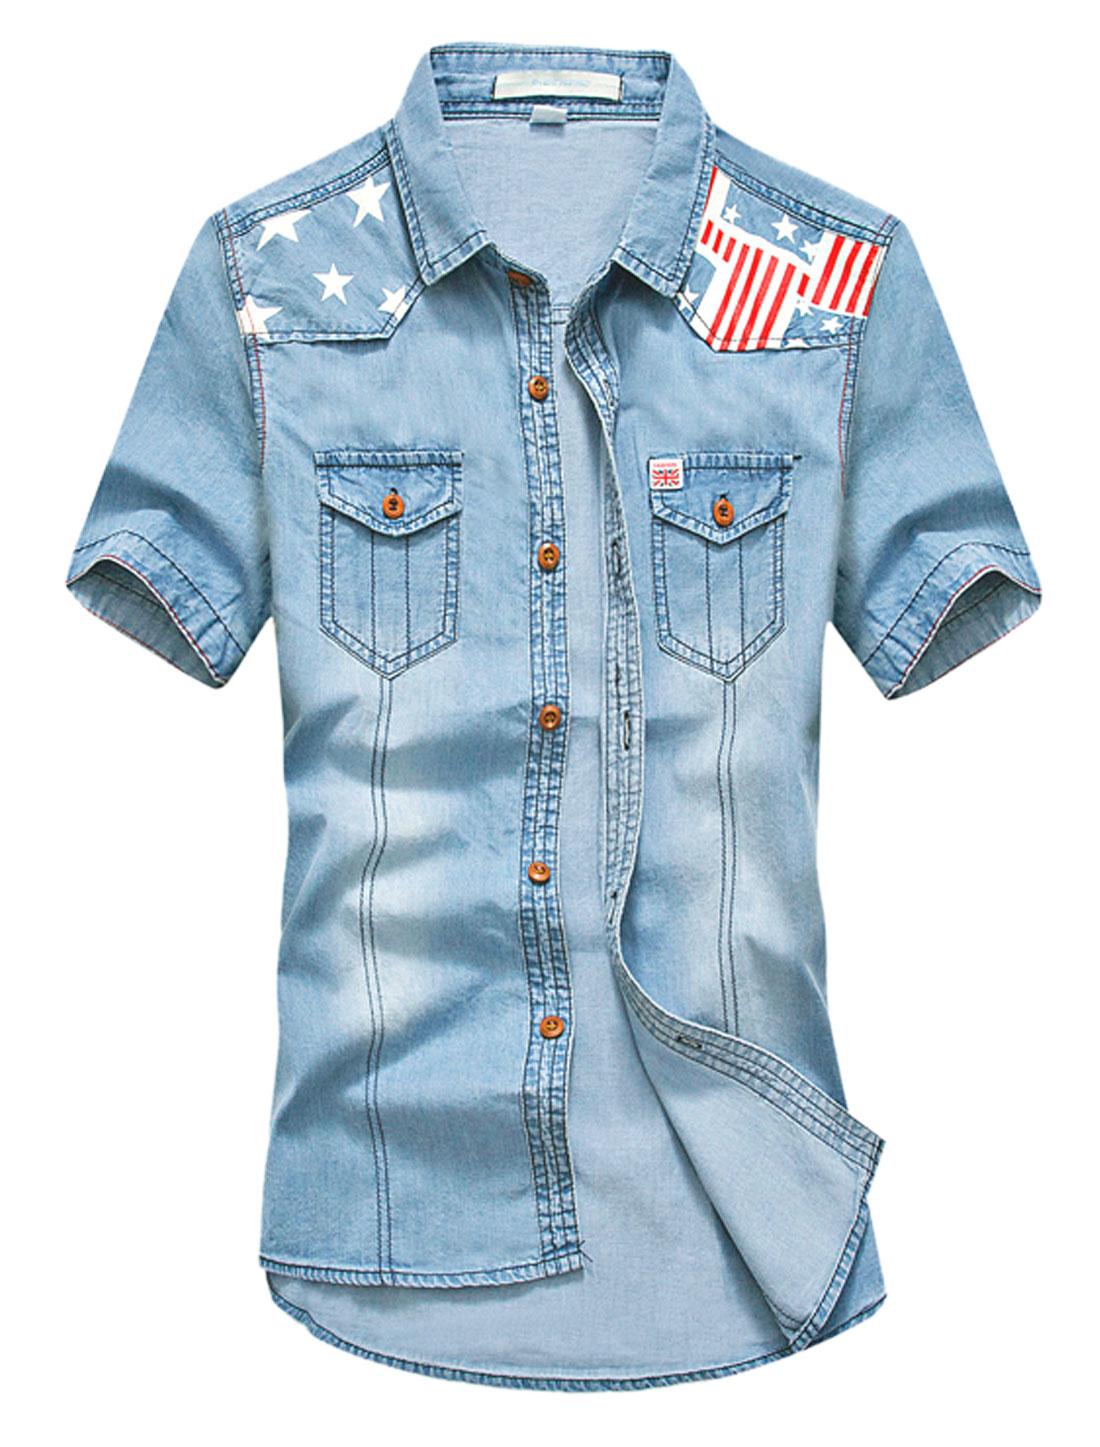 Men Stars Stripes Prints Two Chest Pockets Denim Shirt Light Blue White S